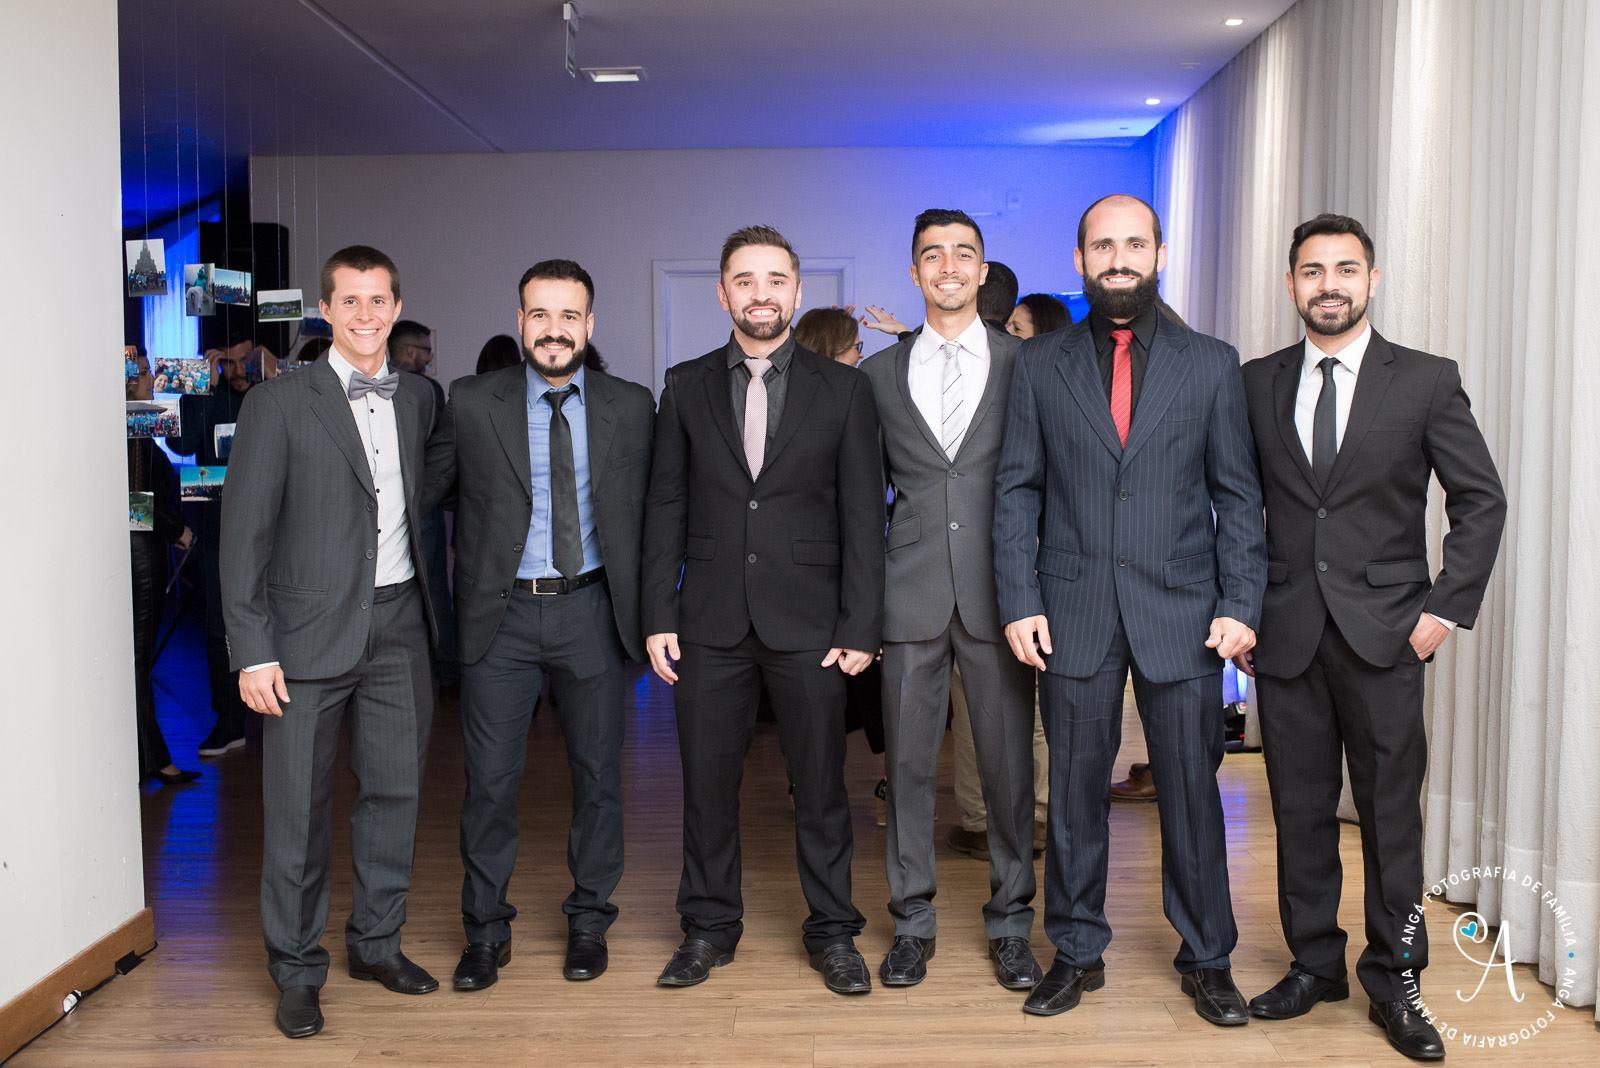 Aniversario da Winners 9 anos: FESTA